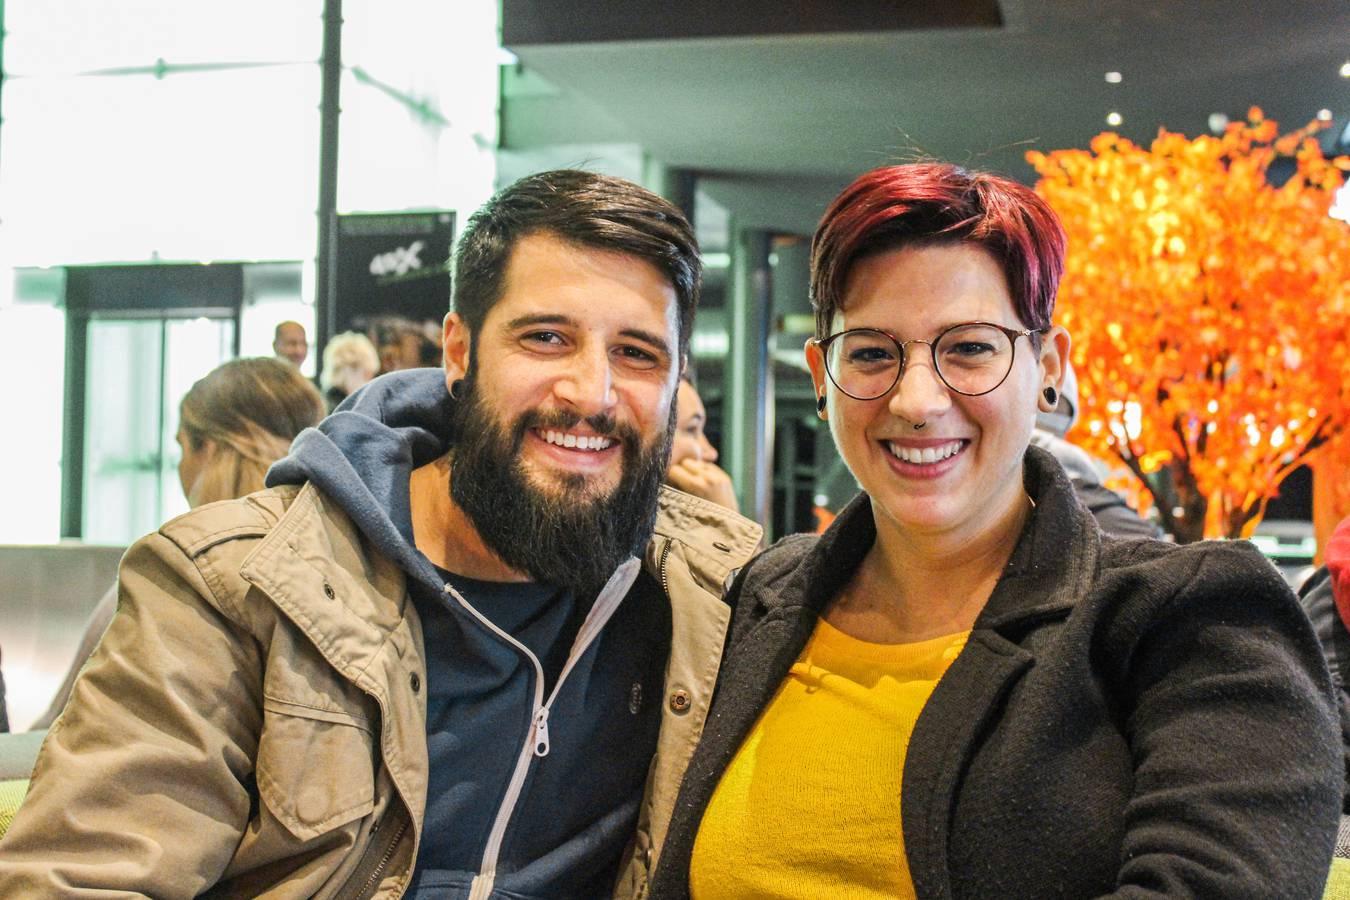 Marco, 31 und Alissa, 32: «Es ist so speziell am Morgen ins Kino zu gehen, der Parkplatz ist leer und es sind nur wir hier.» (© FM1Today)